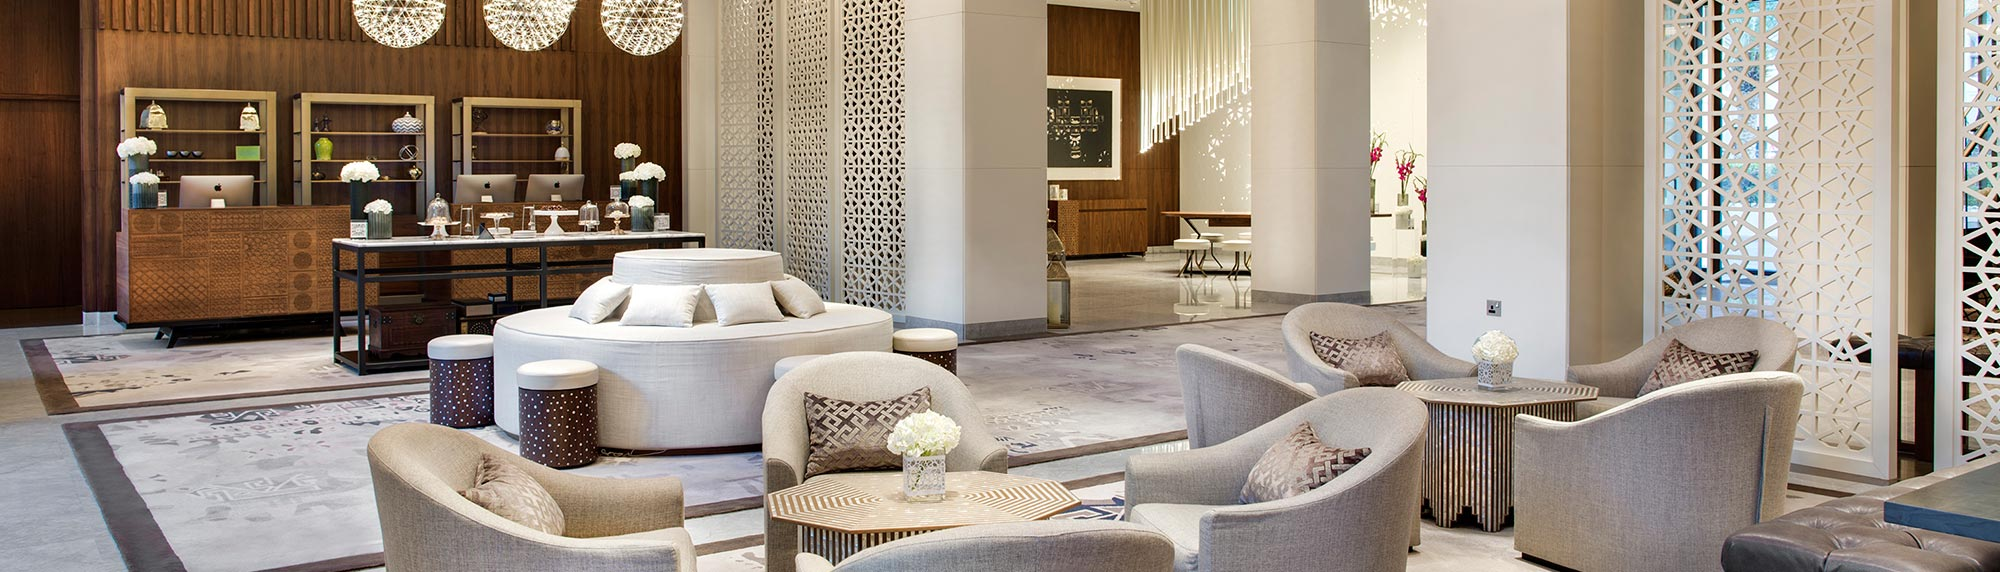 Manzil downtown dubai outlet promolover for Vida boutique hotel dubai